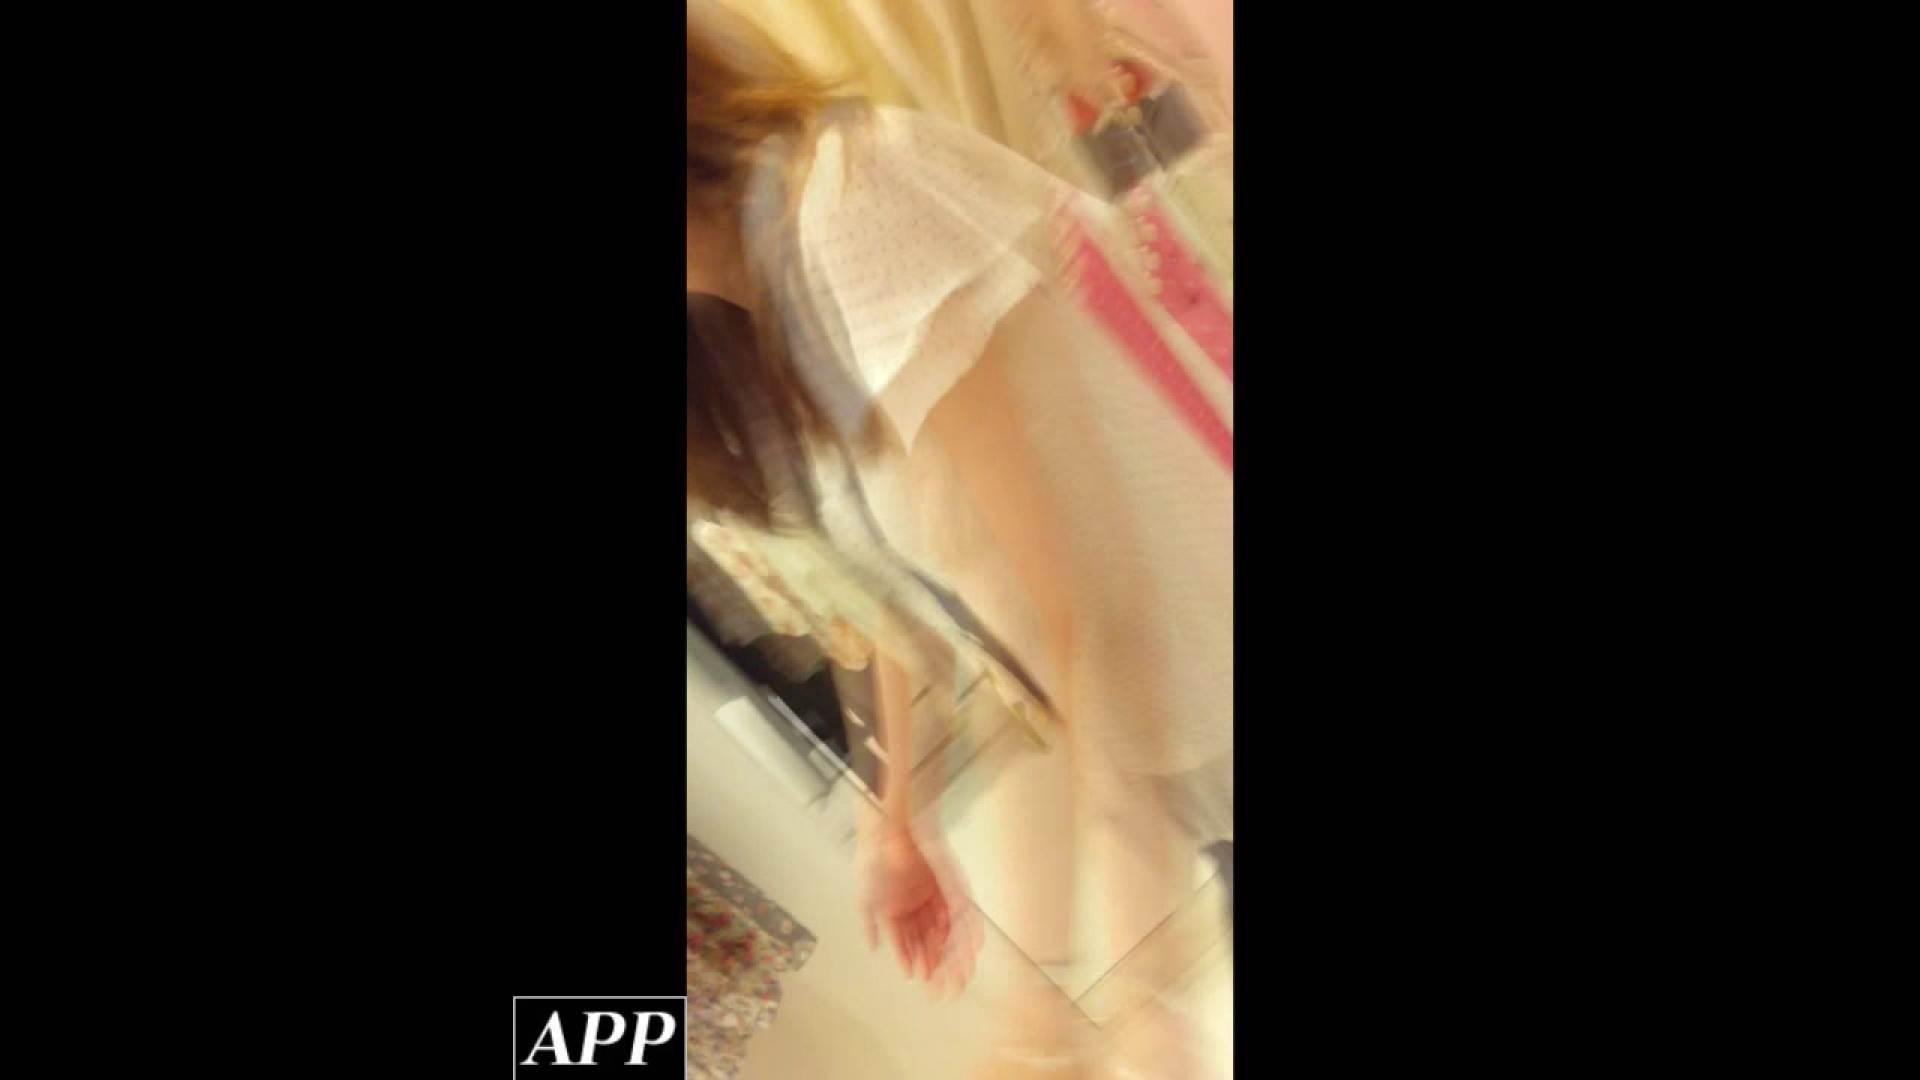 ハイビジョン盗撮!ショップ店員千人斬り!胸チラ編 vol.83 HなOL SEX無修正画像 94pic 86